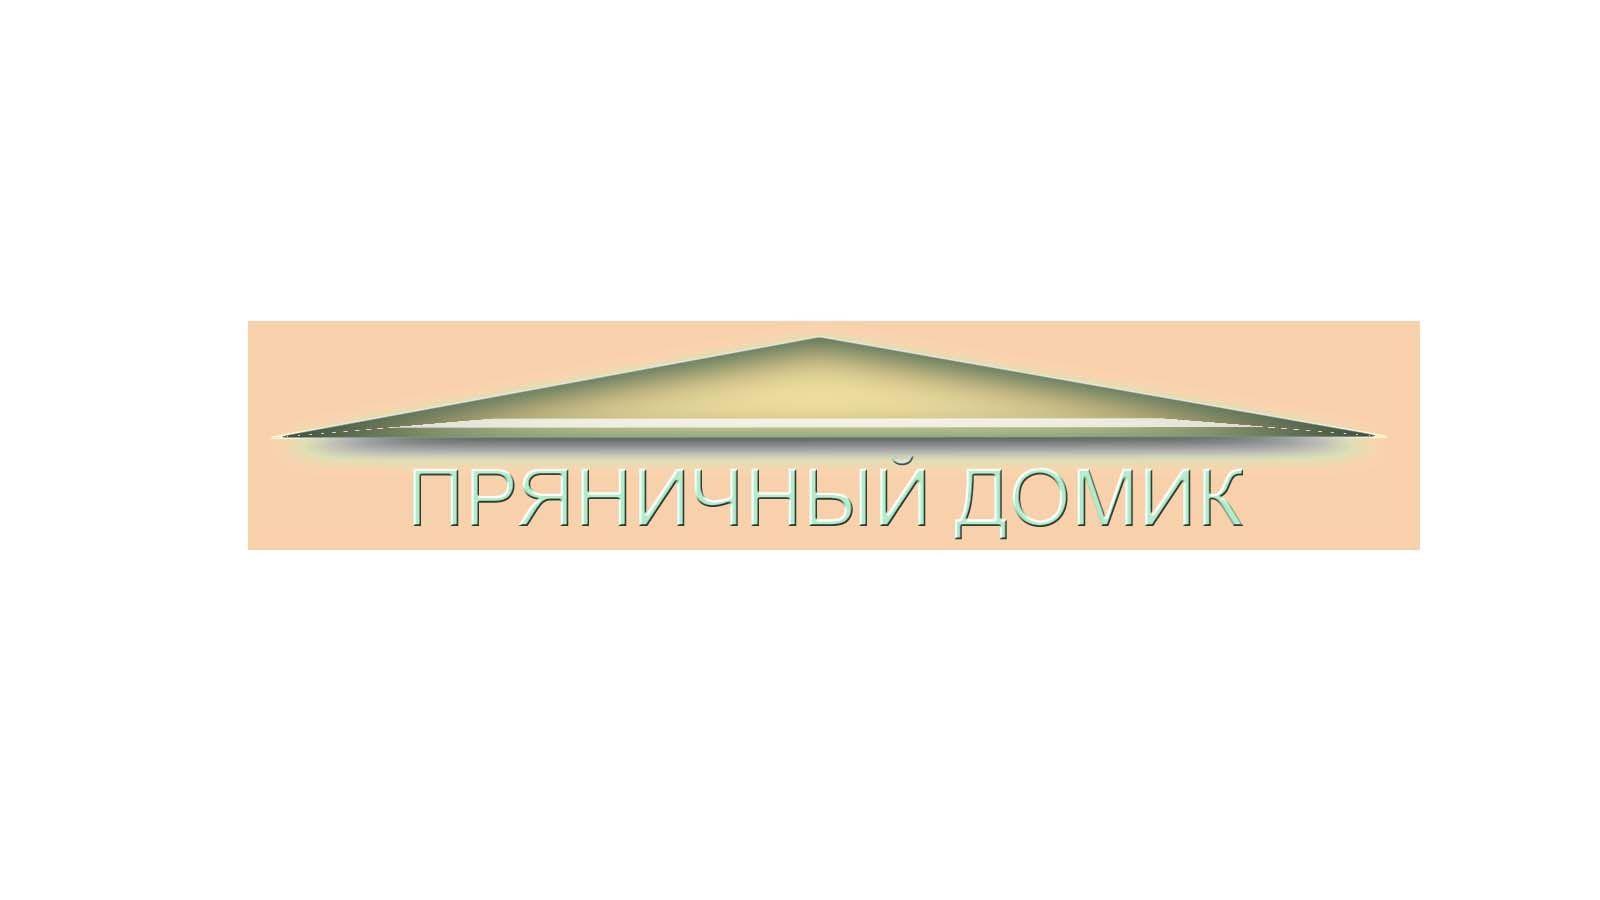 Логотип для ПРЯНИЧНЫЙ ДОМИК монтессори класс - дизайнер dwetu